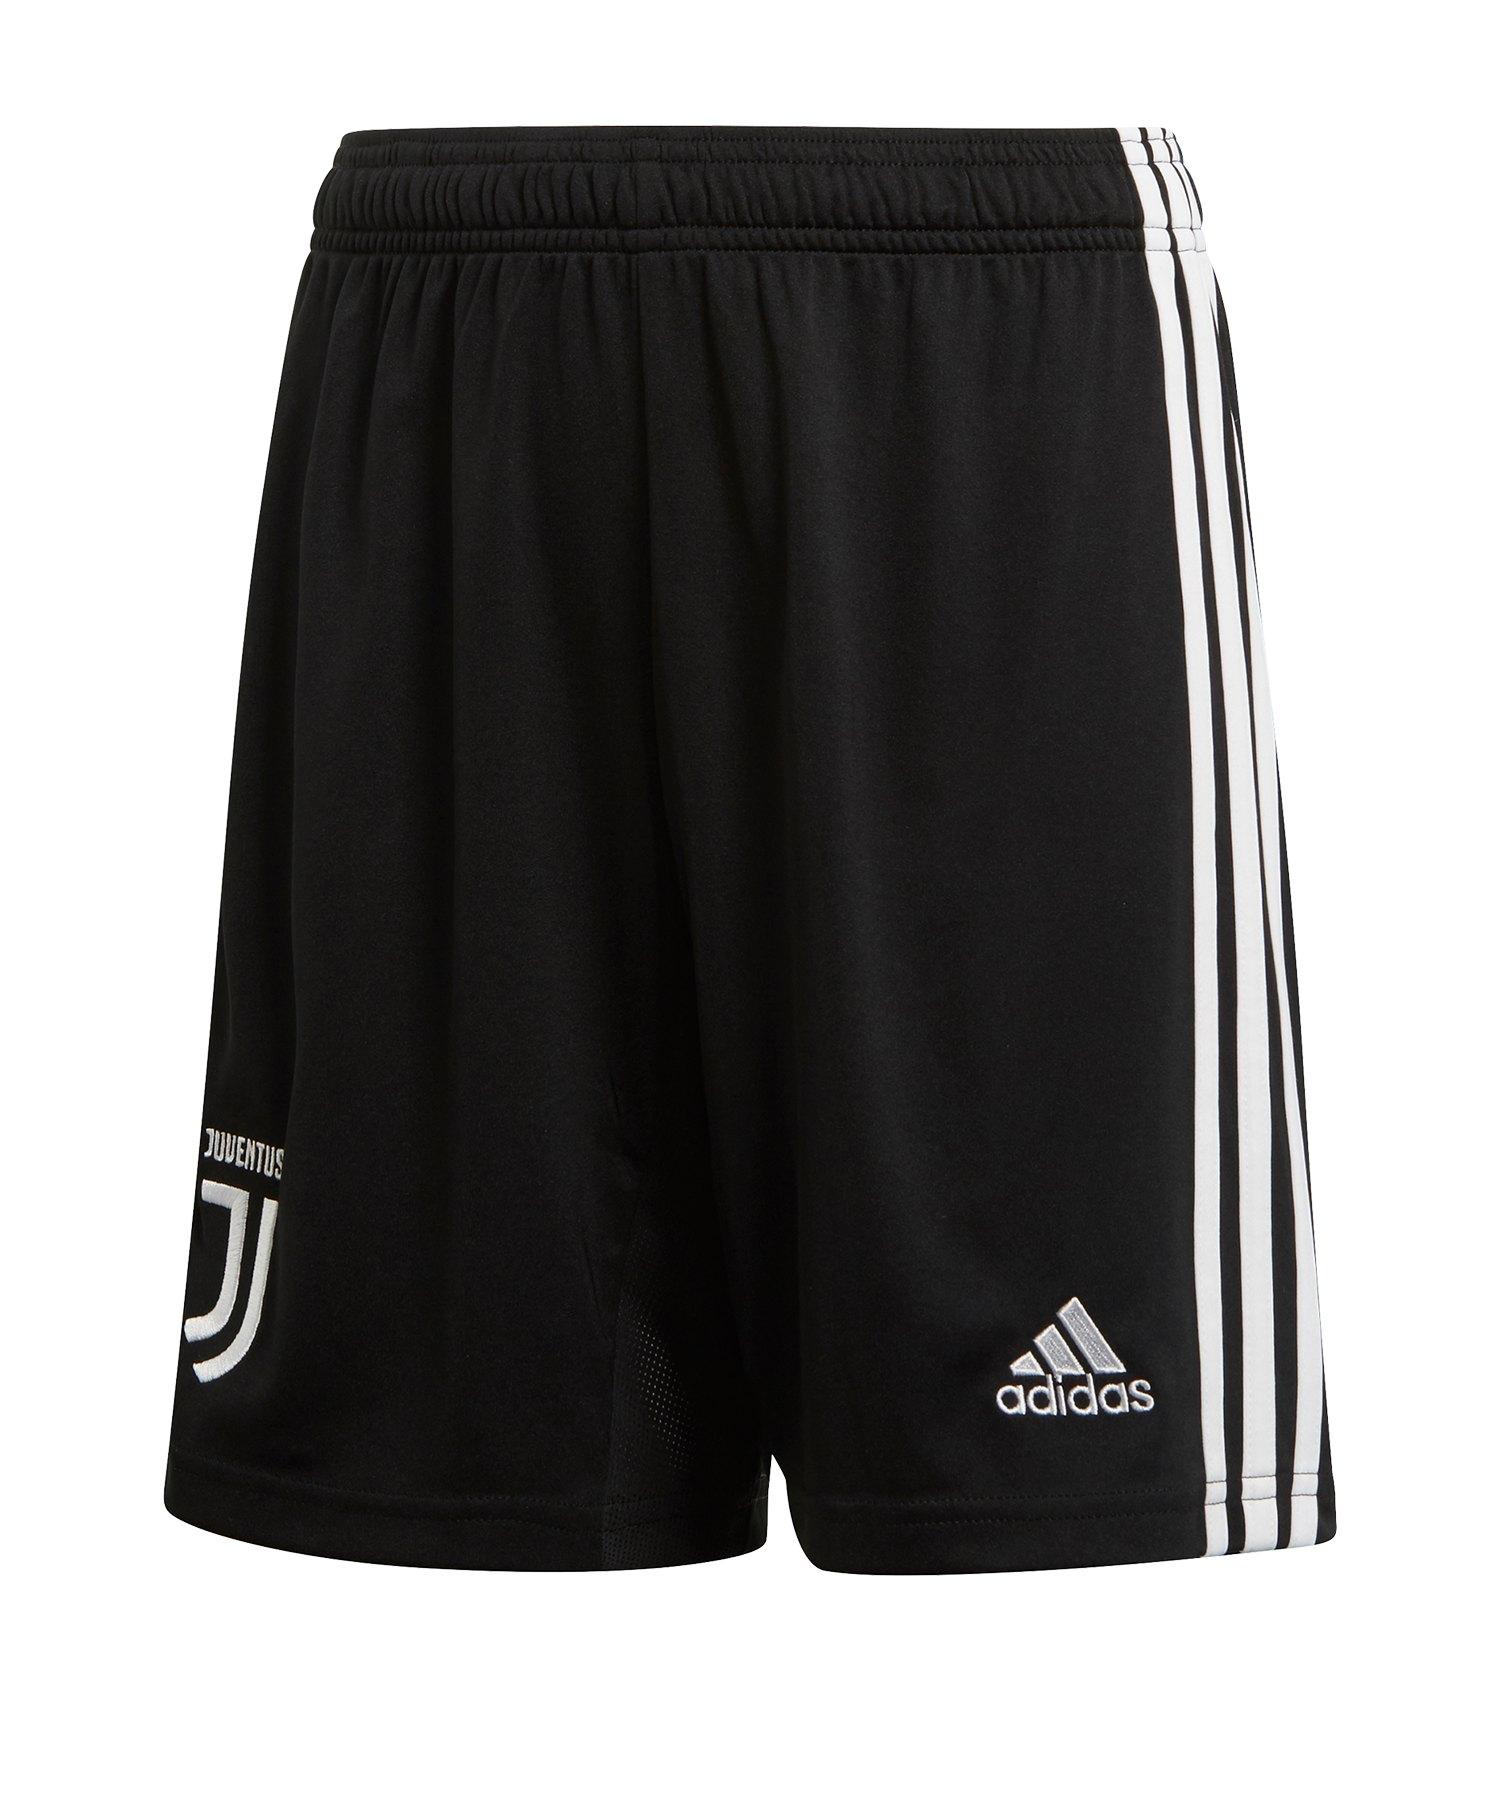 adidas Juventus Turin Short Home Kids 2019/2020 - Schwarz